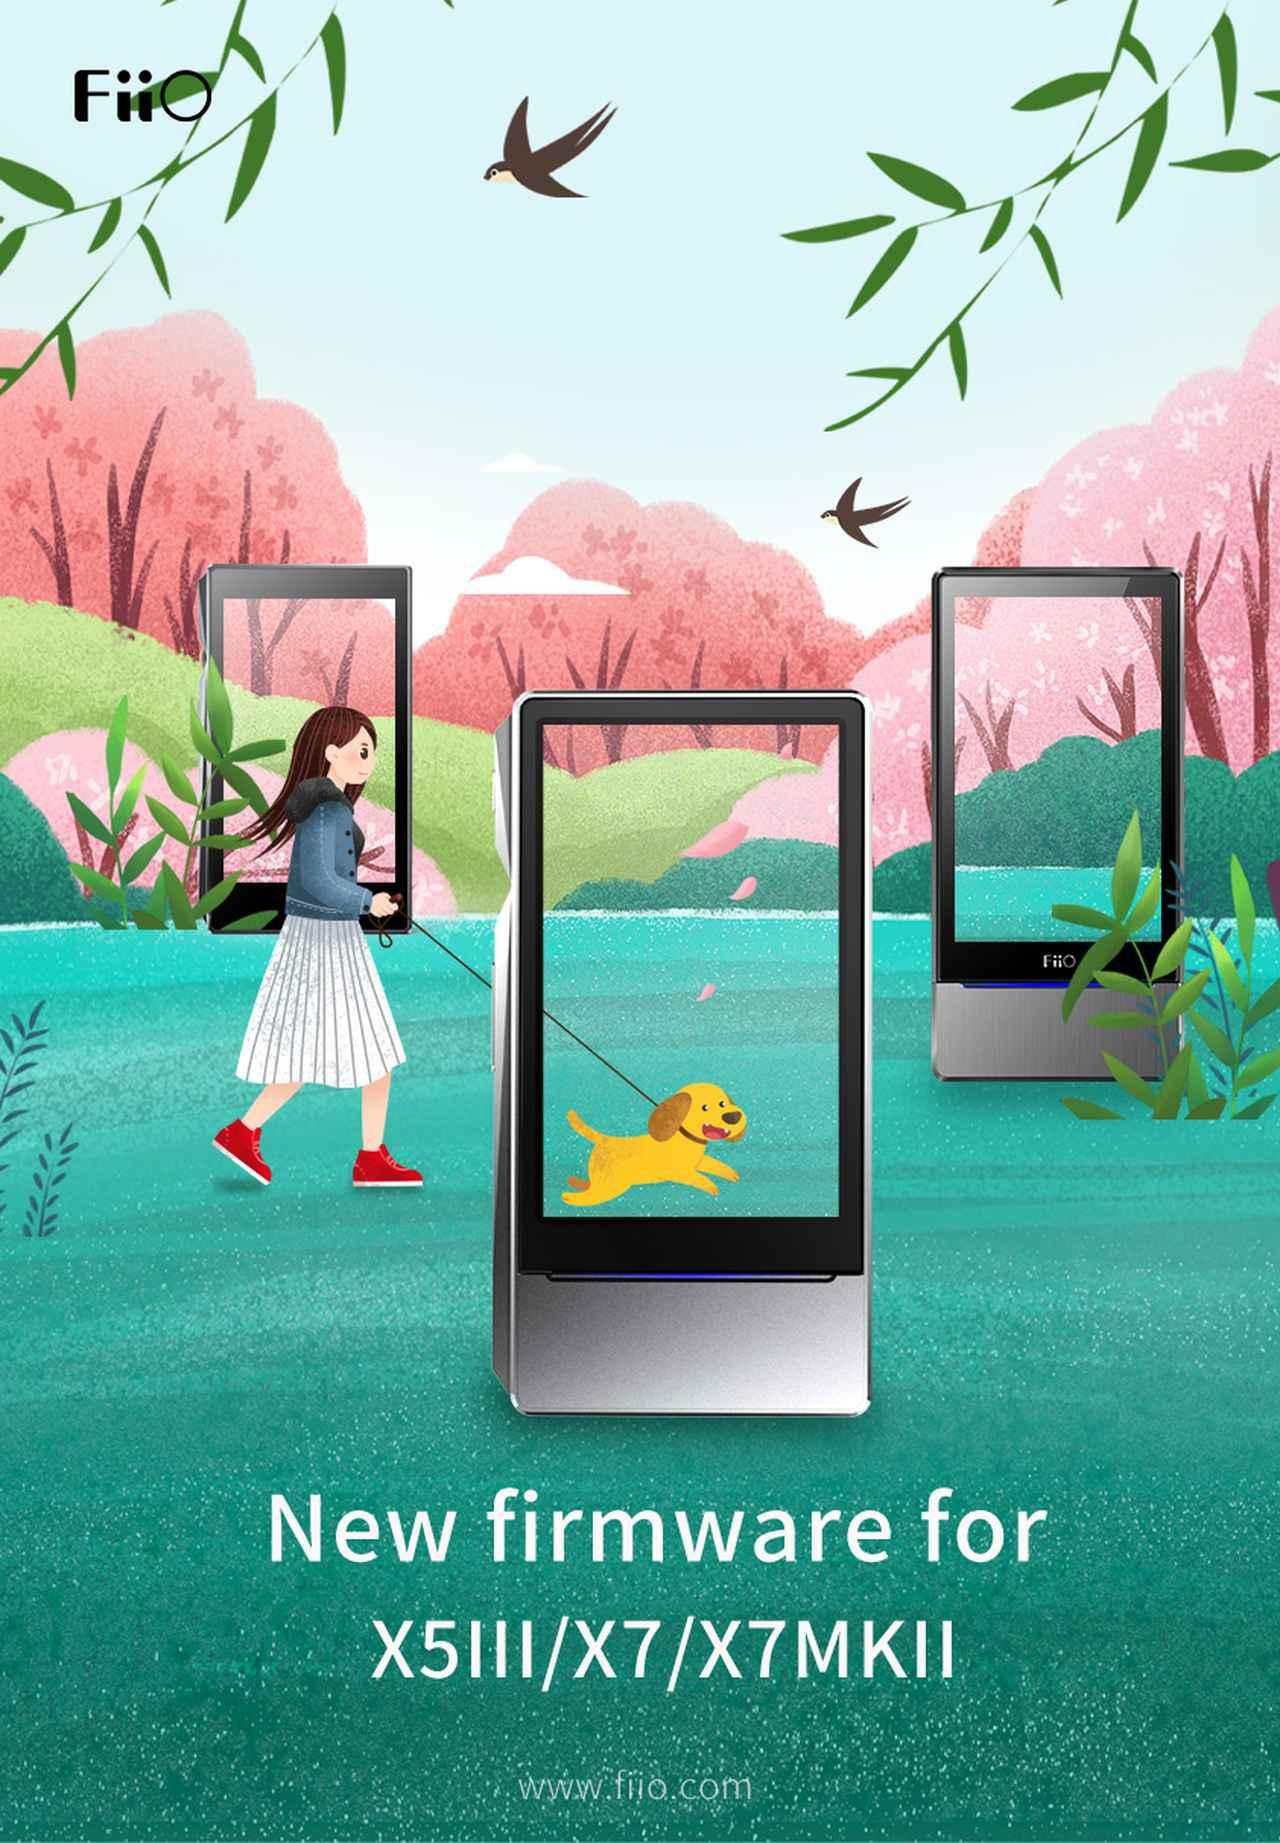 画像: FiiO製デジタルオーディオプレーヤー「X7 Mark II」「X7」「X5 3rd」ファームウェアアップデートのご案内 – Fiio Japan